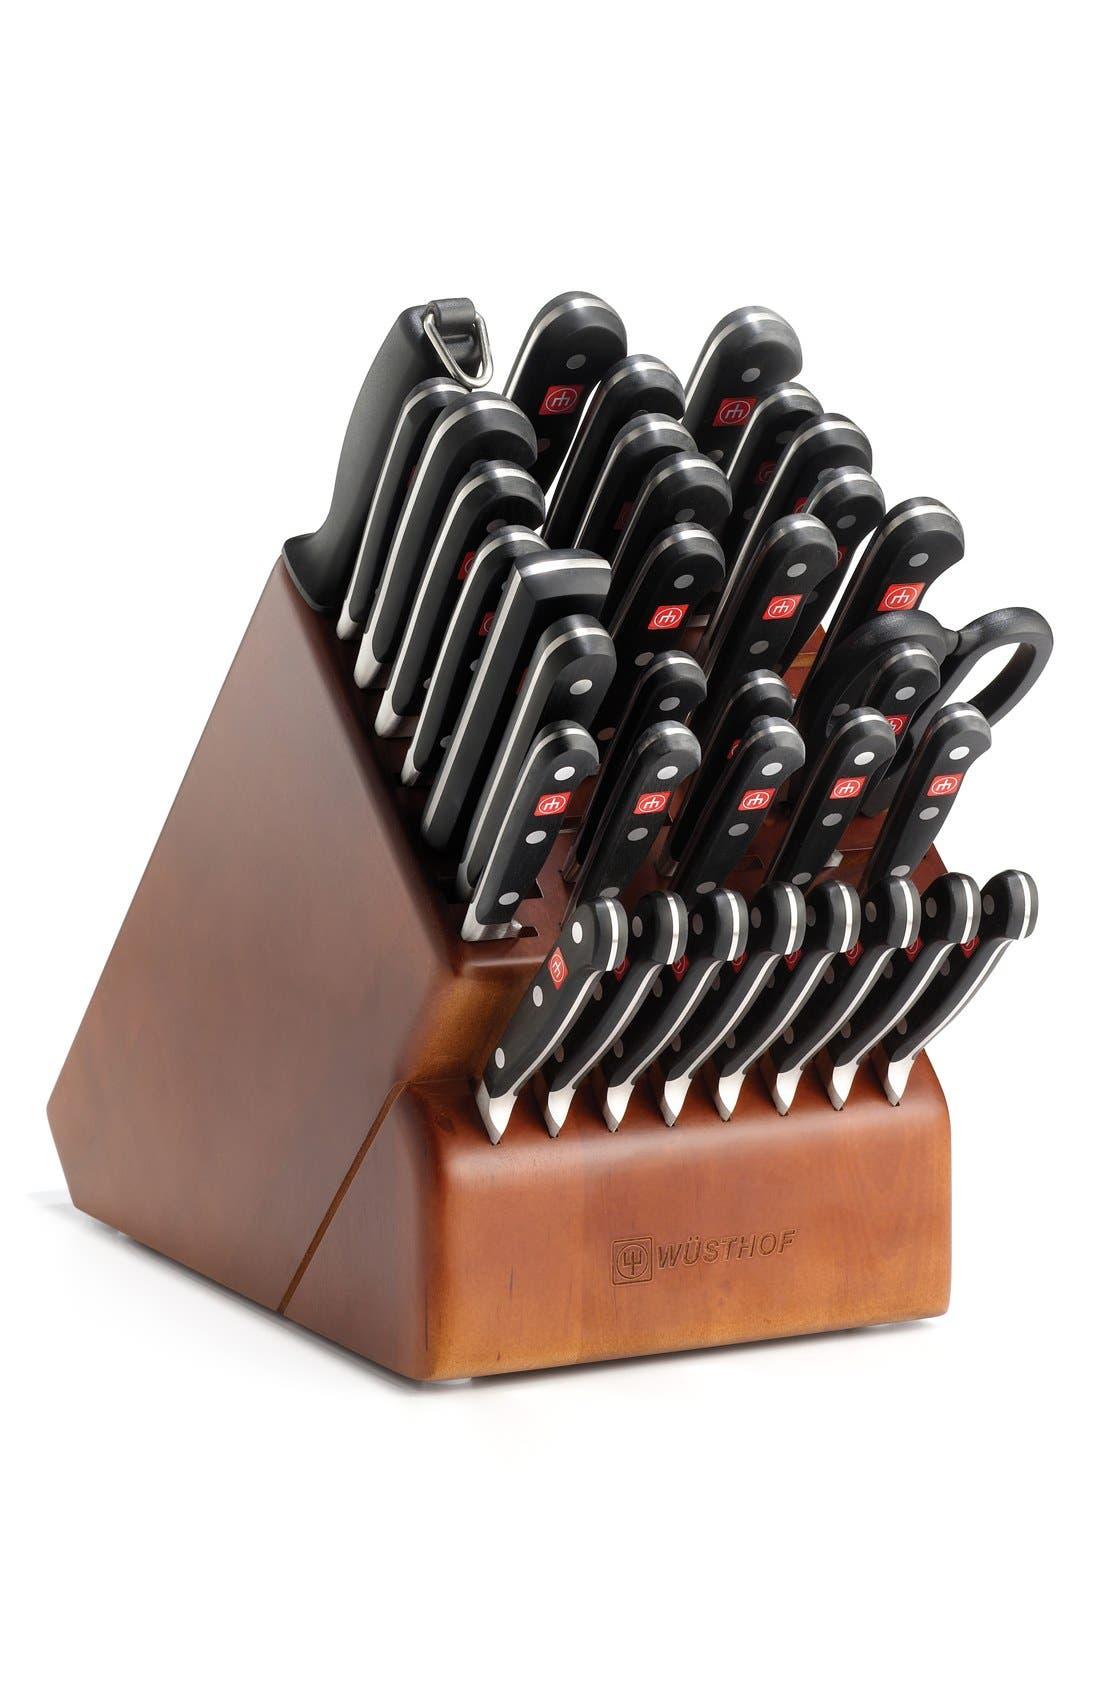 Wüsthof 'Classic' 36-Piece Knife Mega Block Set